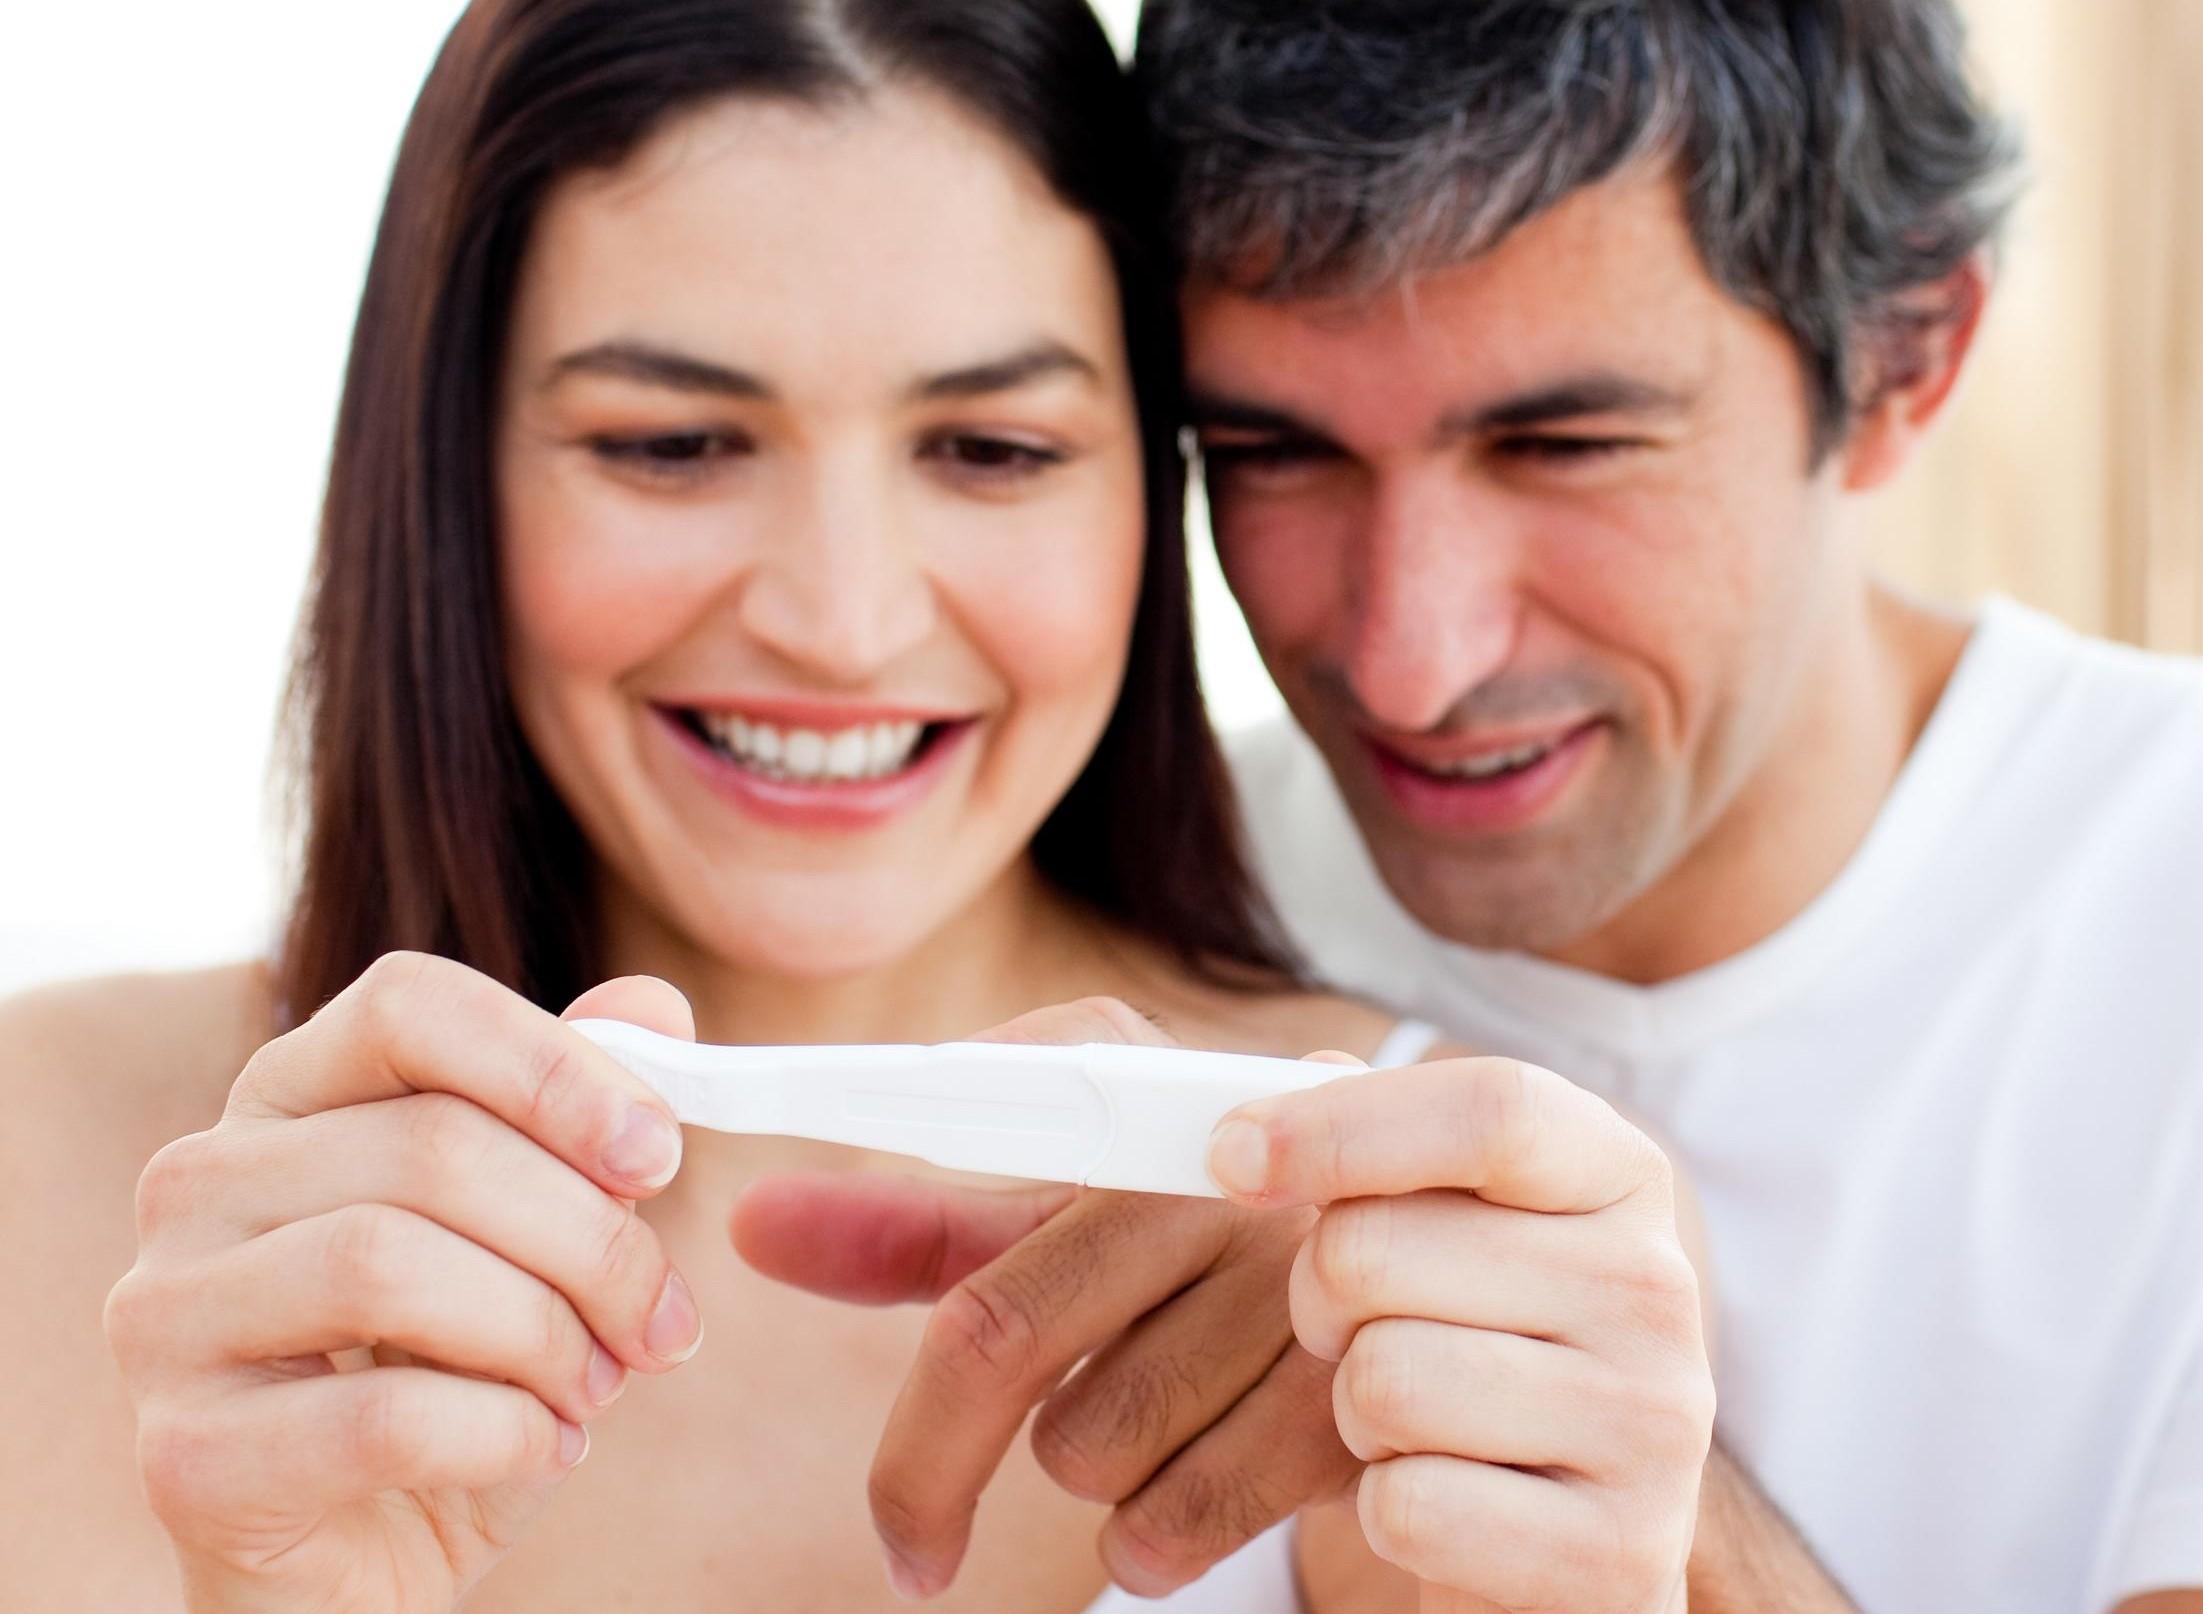 Kadınlarda Hamile Kalamama Durumunda Hangi Tetkikler Yapılır?